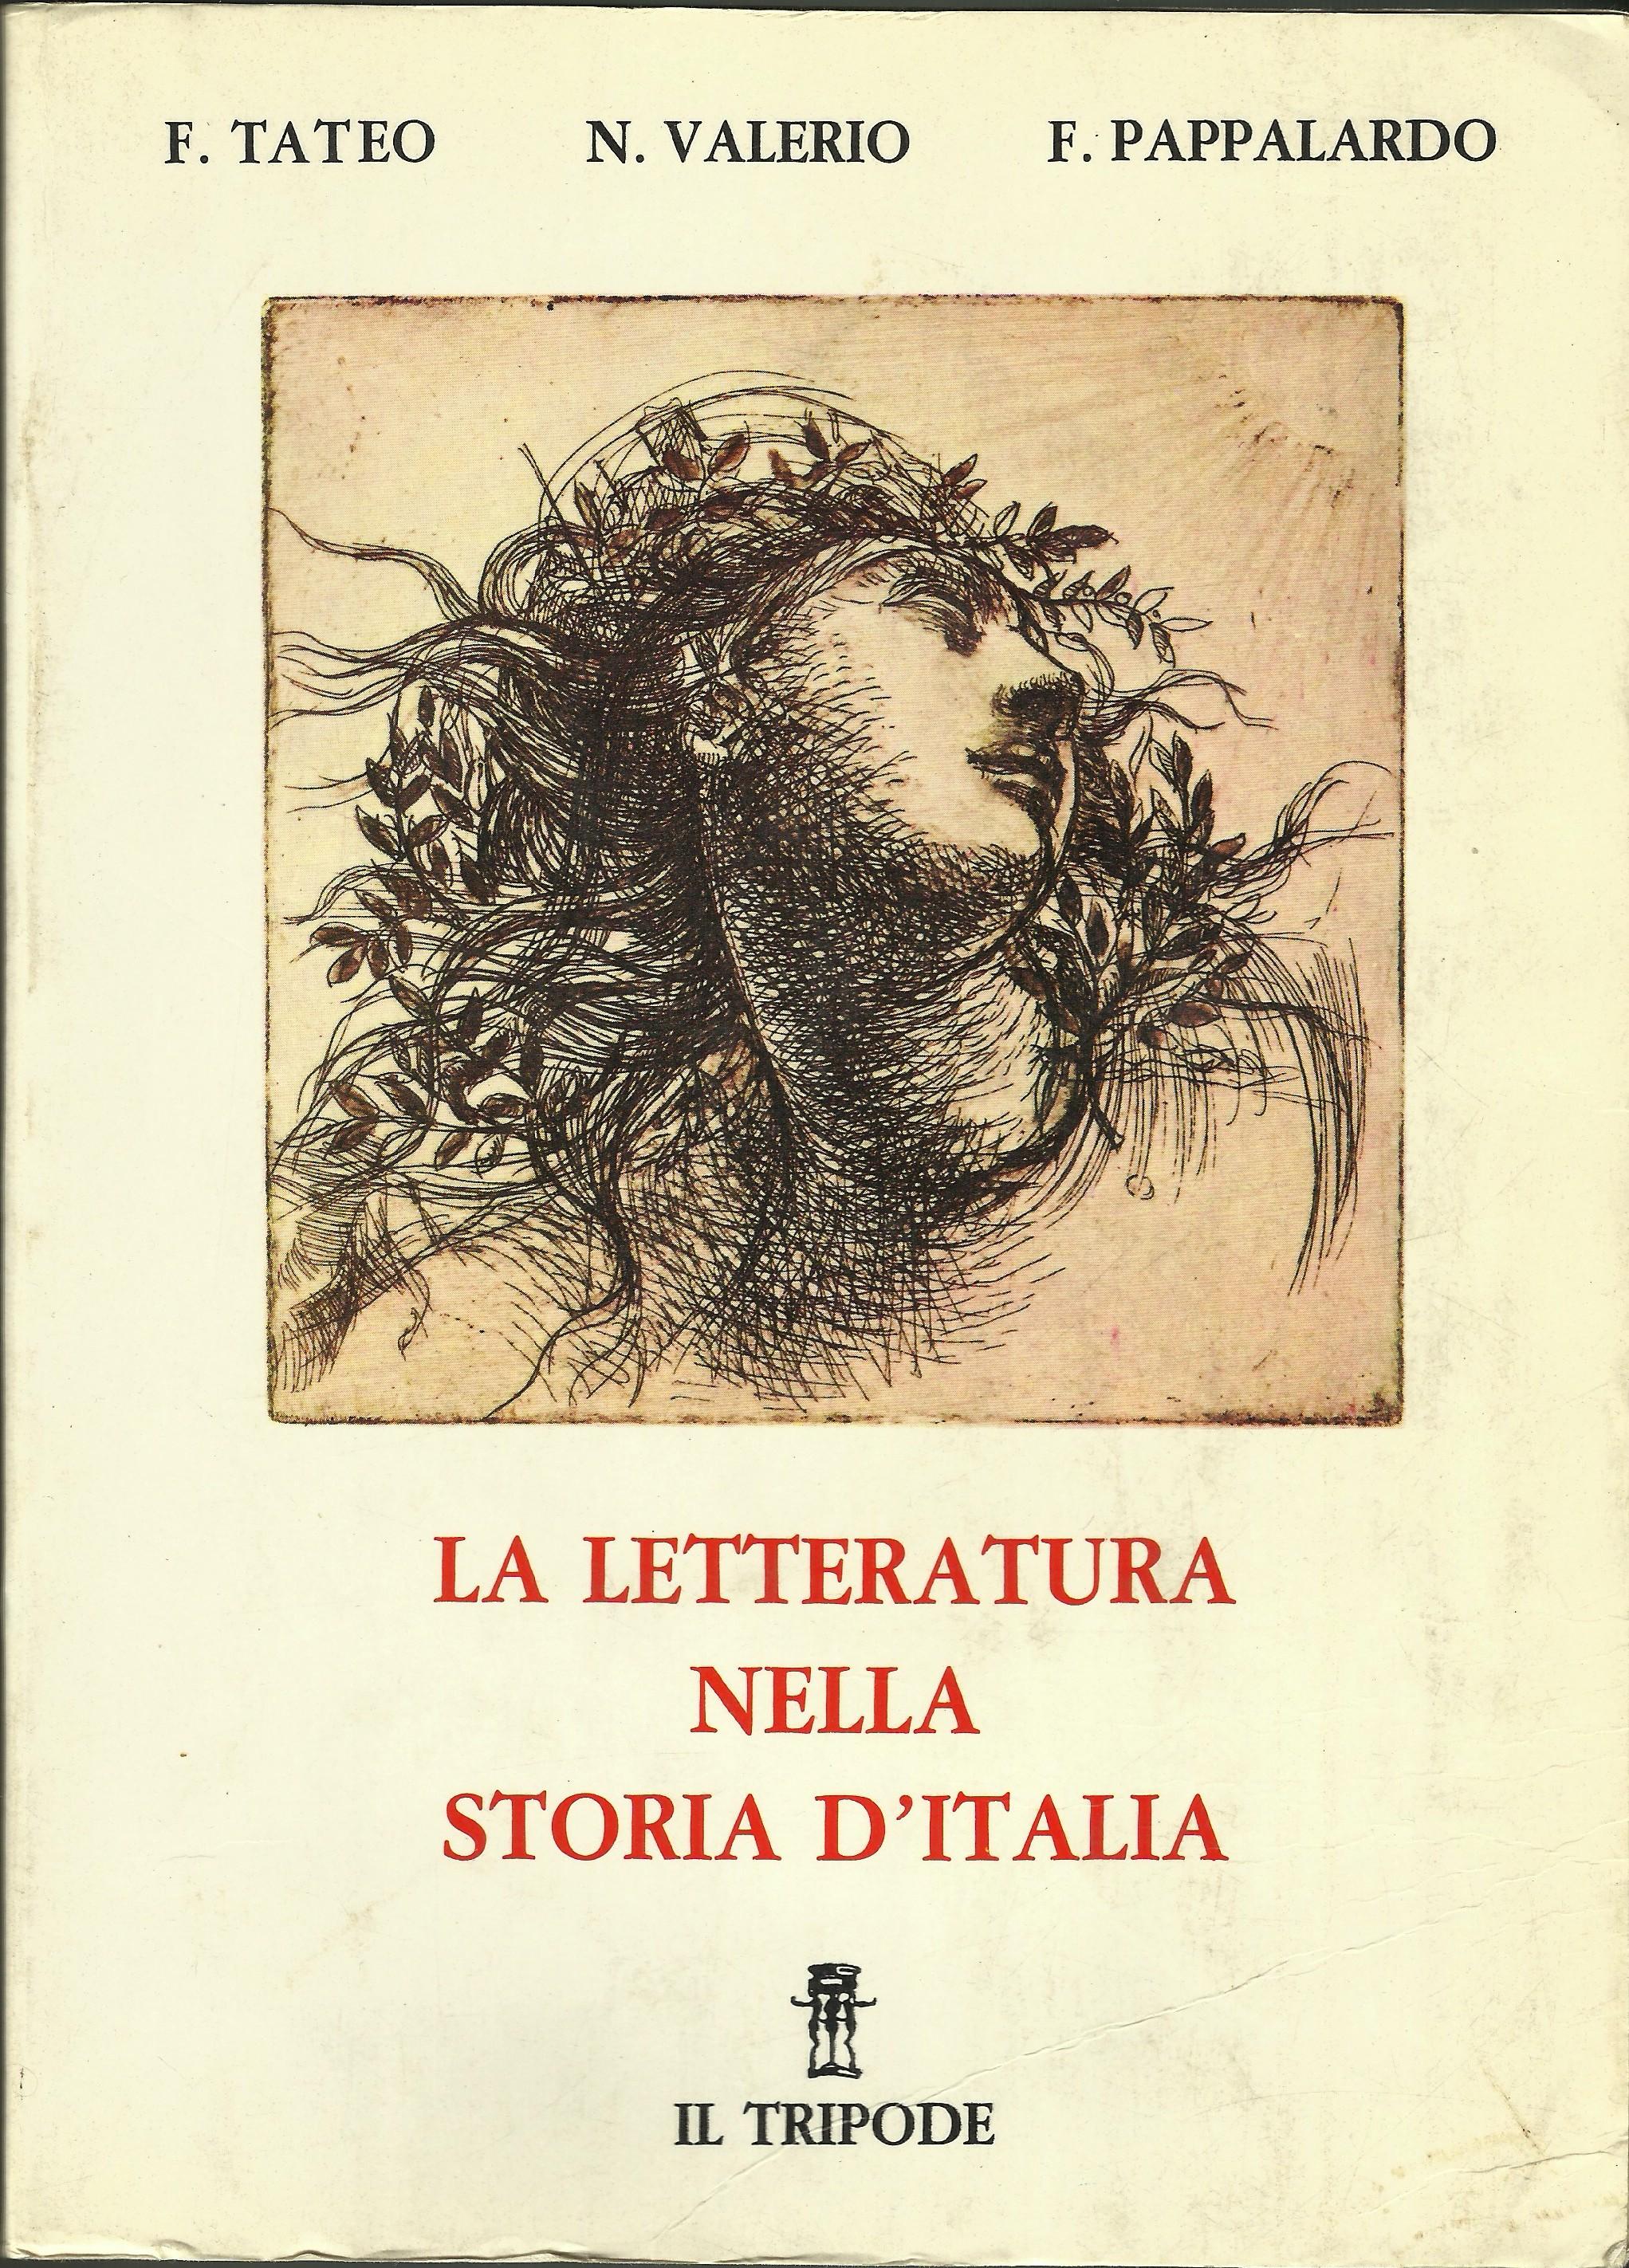 La letteratura nella storia d'Italia - Vol. I